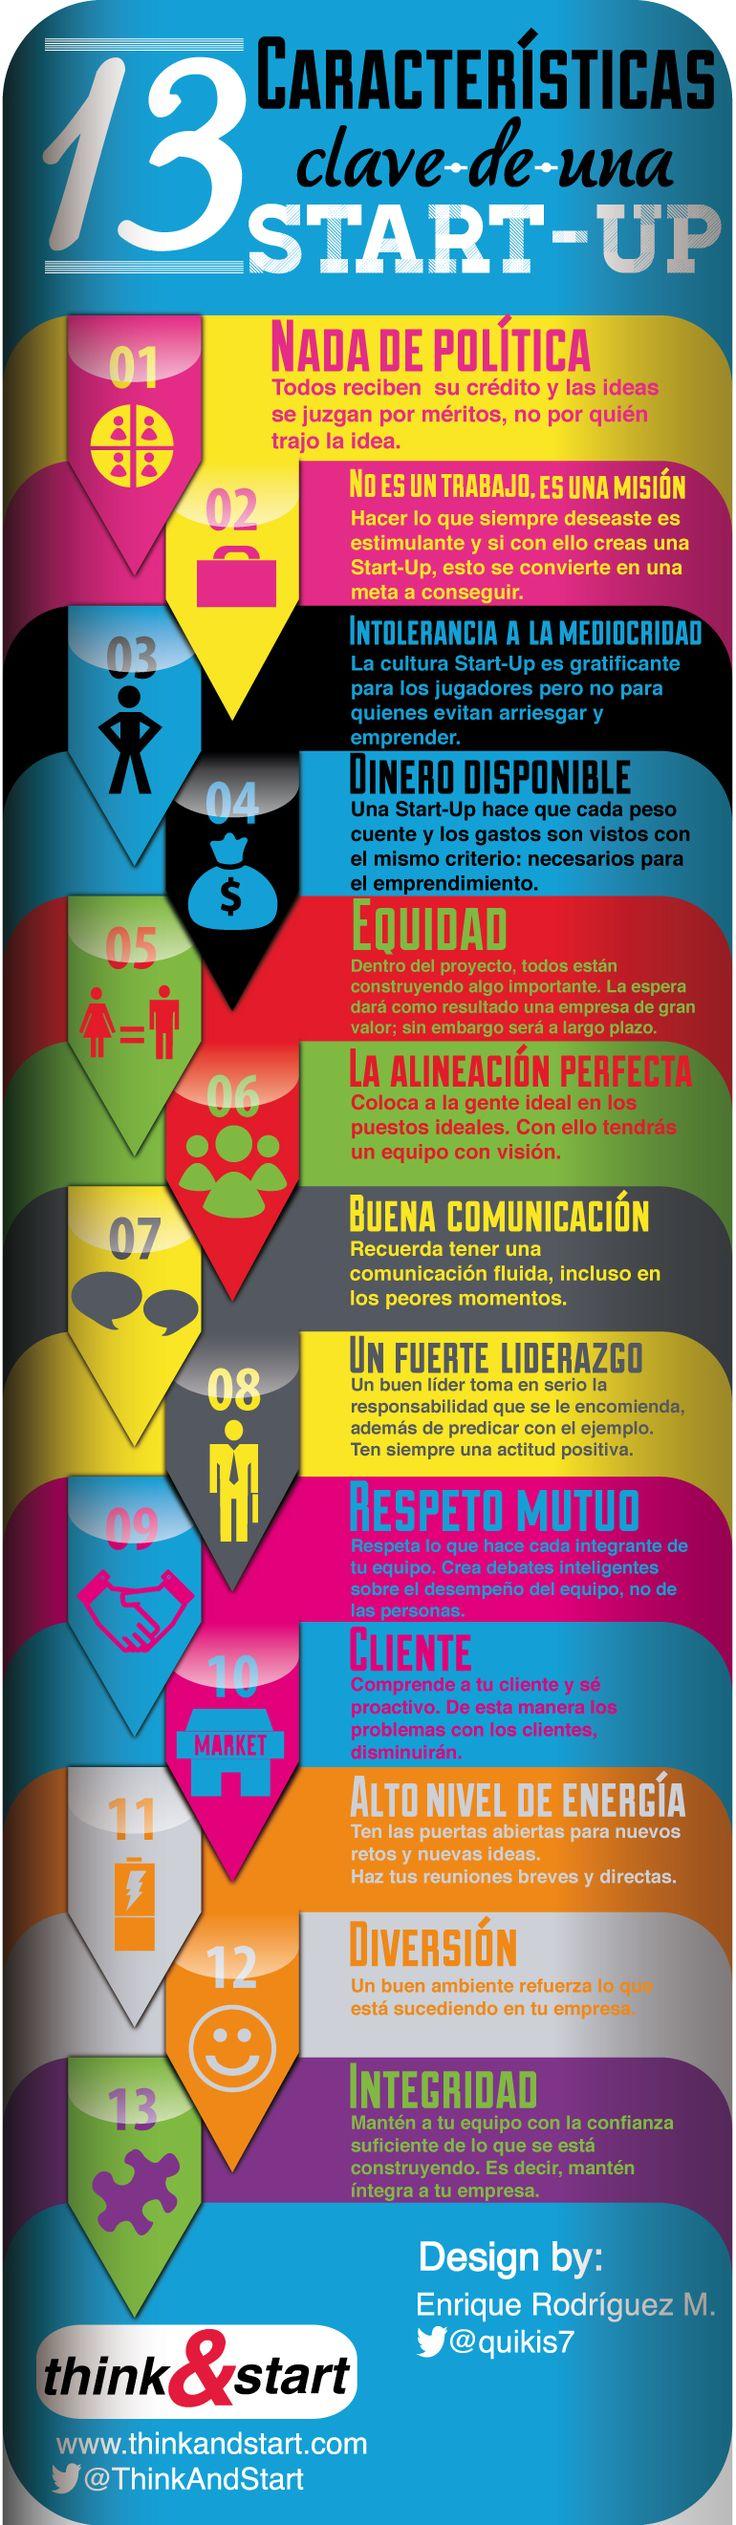 13 características clave de una startup #infografia #infographic #entrepreneurship vía: @ThinkandStart